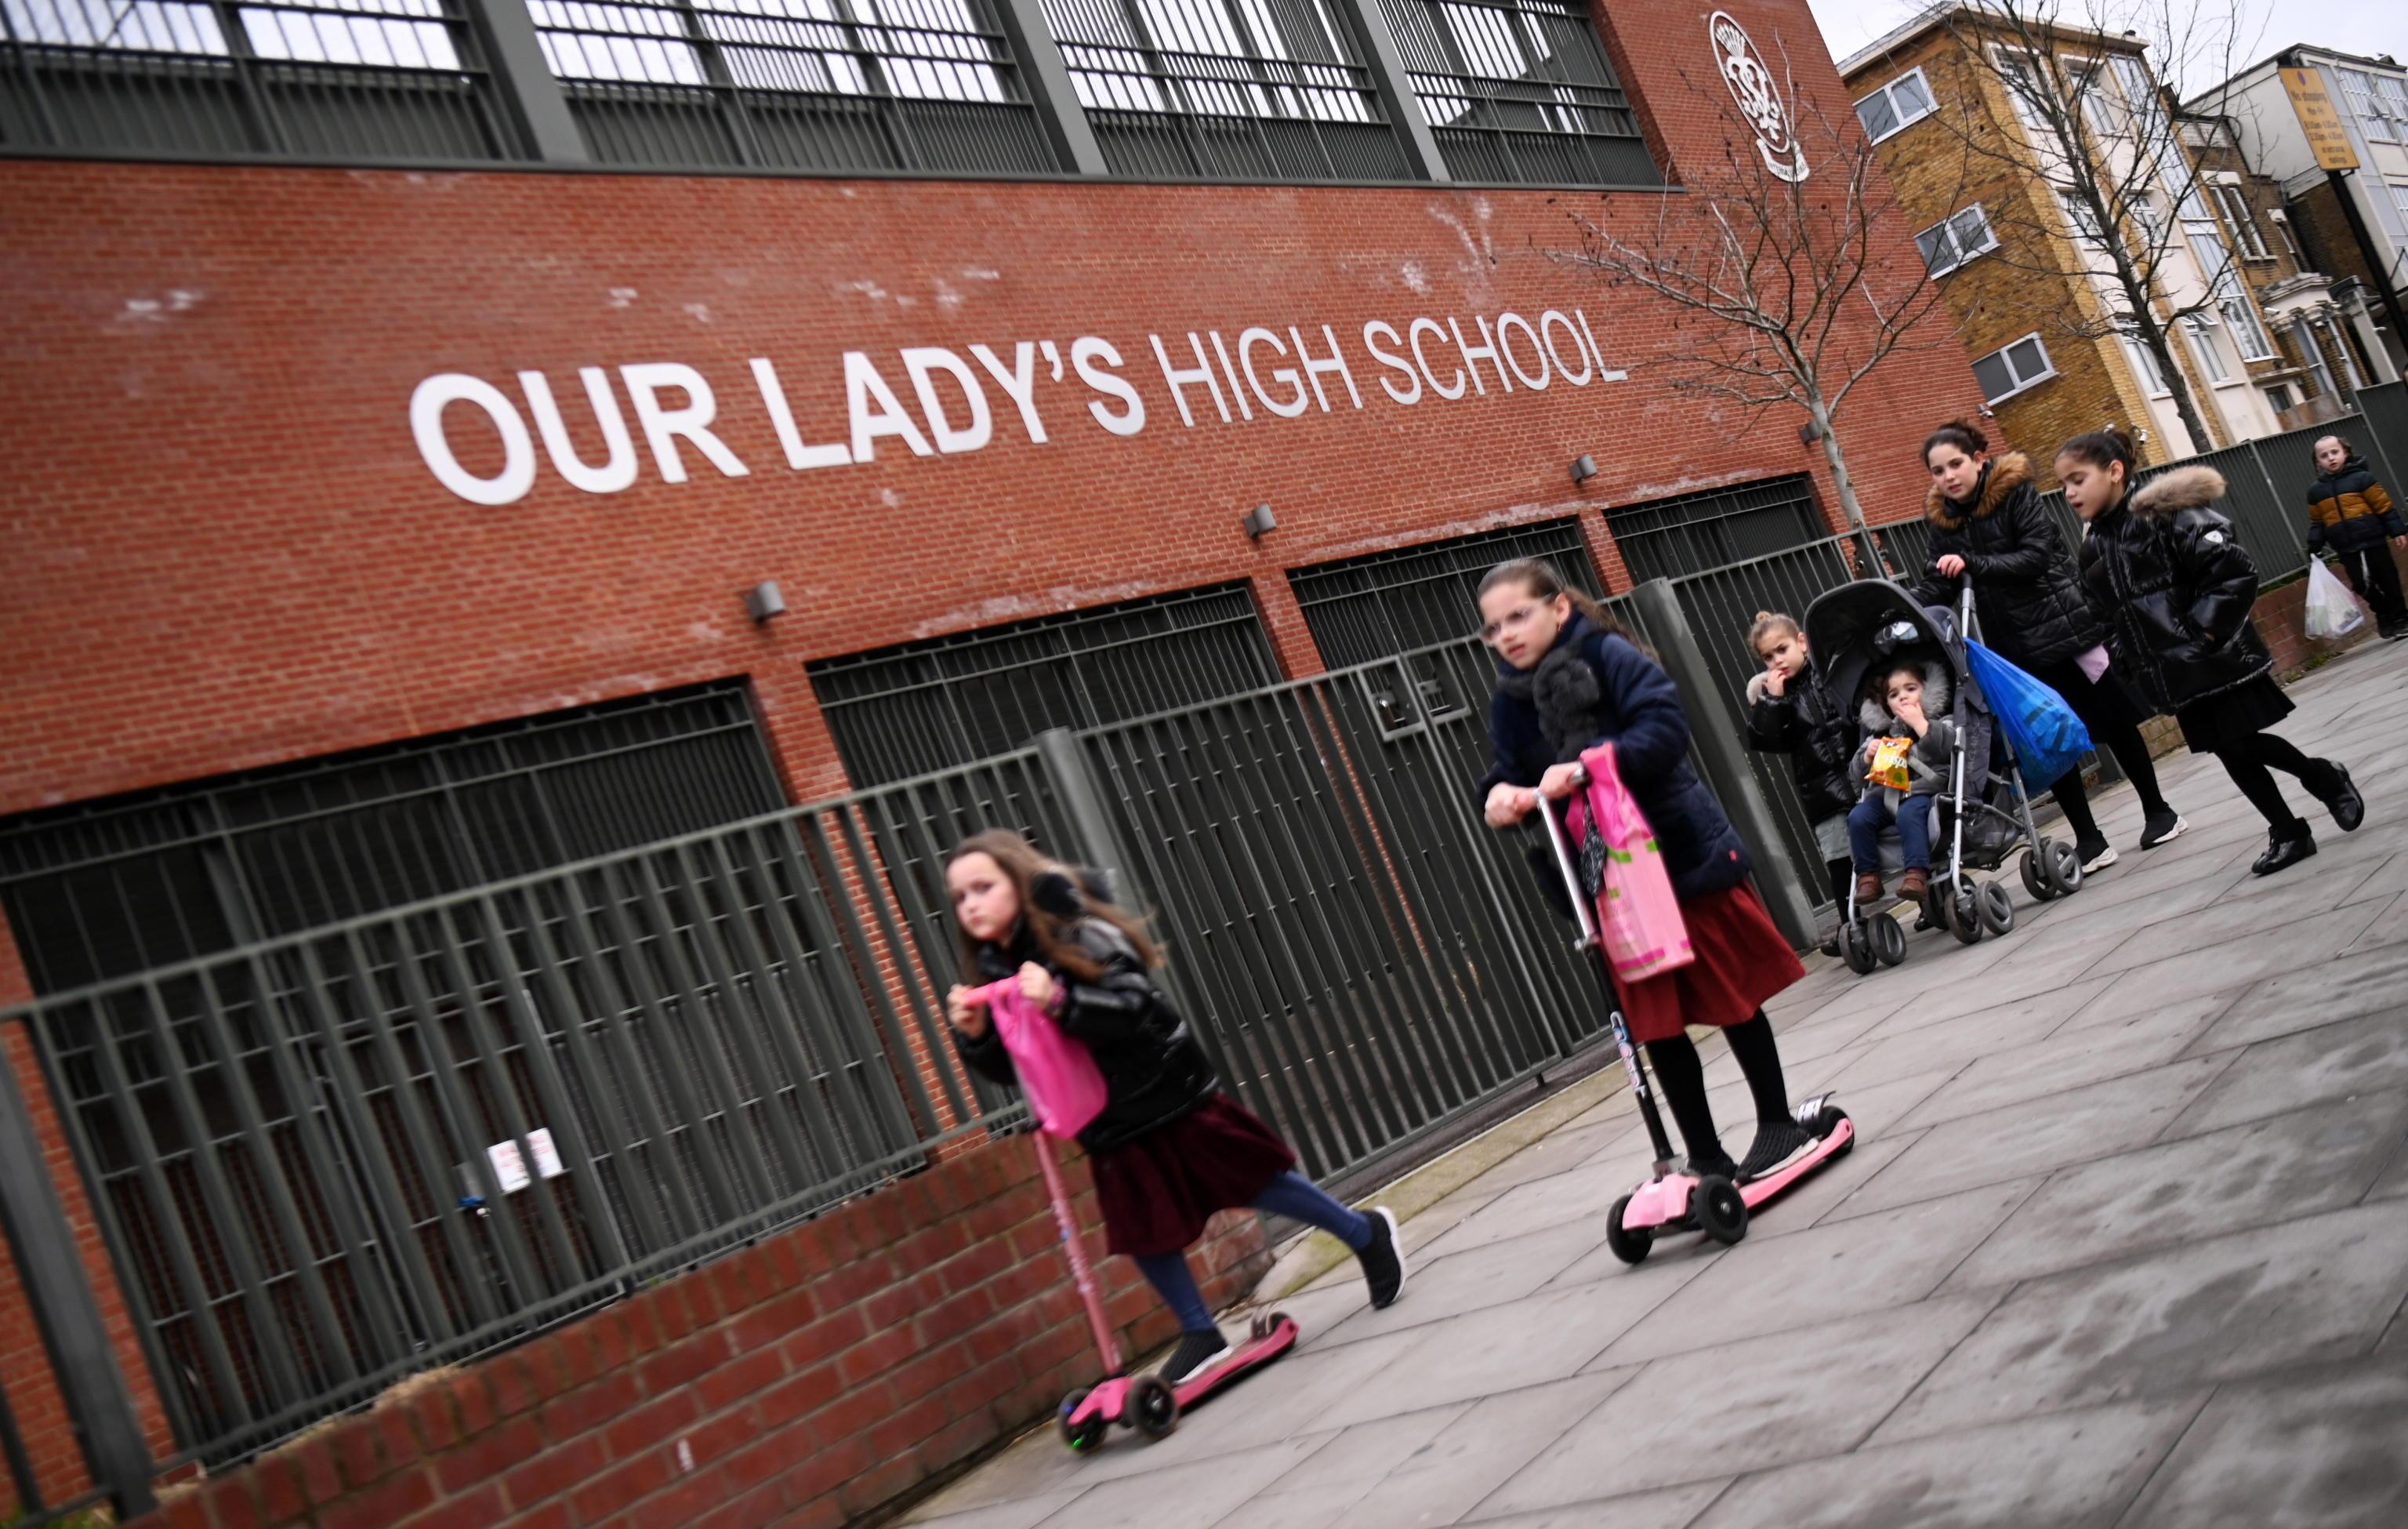 Coronavirus, riaprono le scuole nel Regno Unito dopo il lockdown: kit a casa per test agli studenti. In Israele via libera a ristoranti ed eventi solo per chi è vaccinato